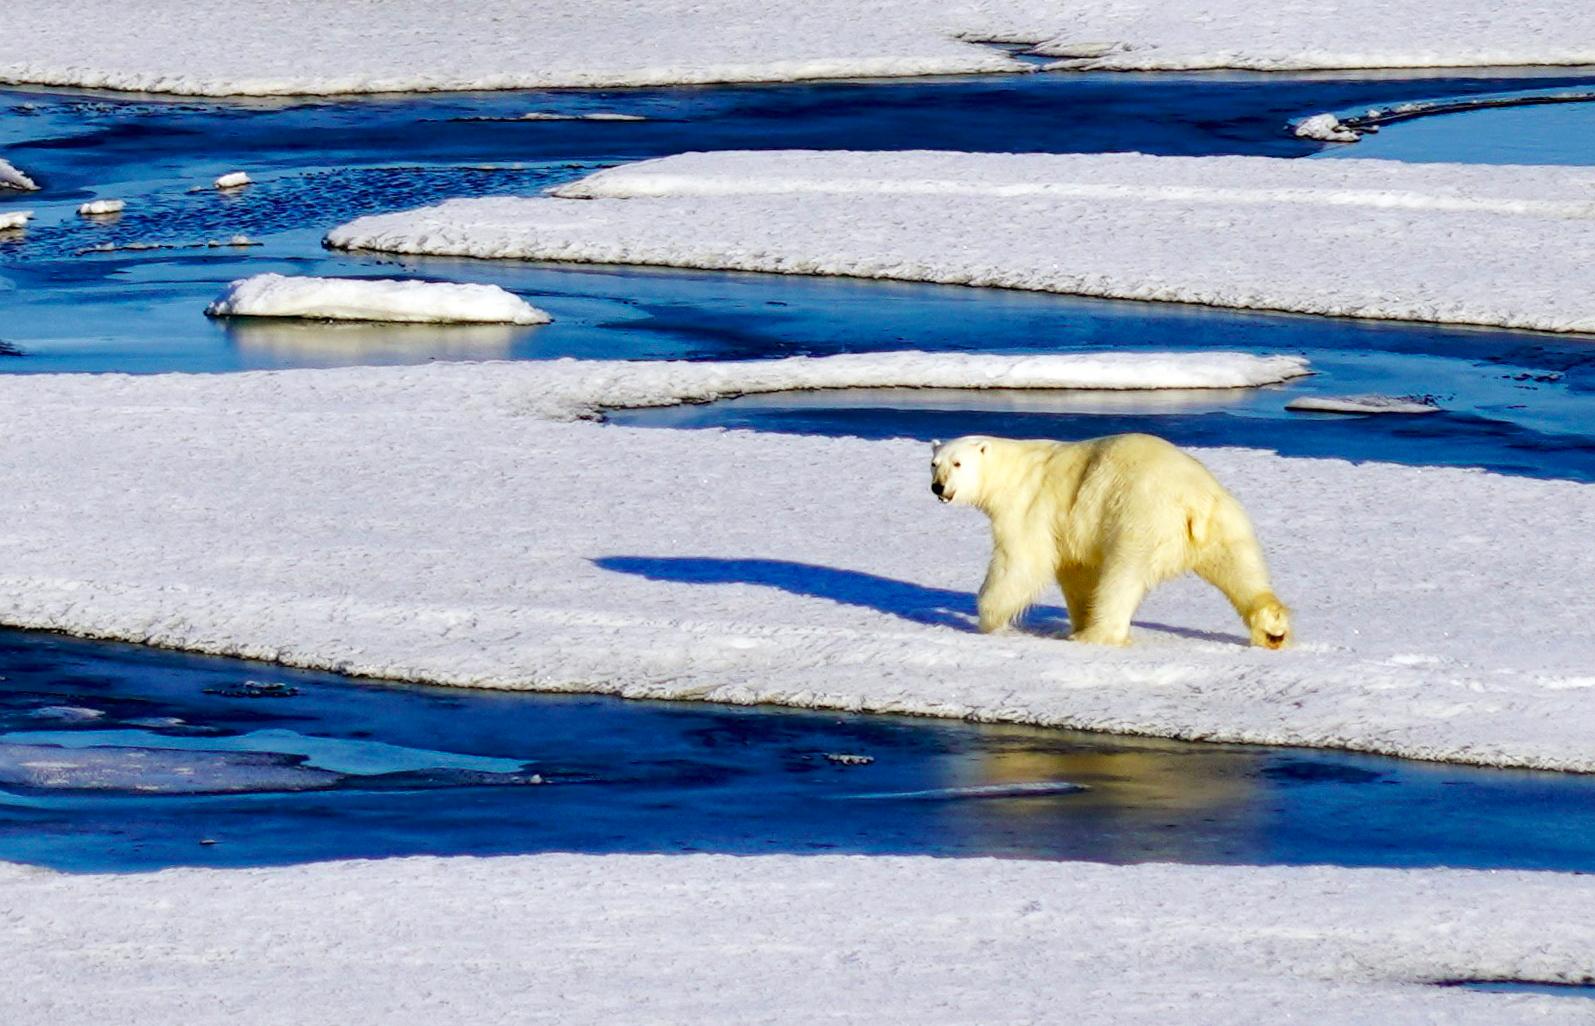 chukchi-sea-polar-bear-arctic_early-august-2018_a-khan-nsidc.jpg